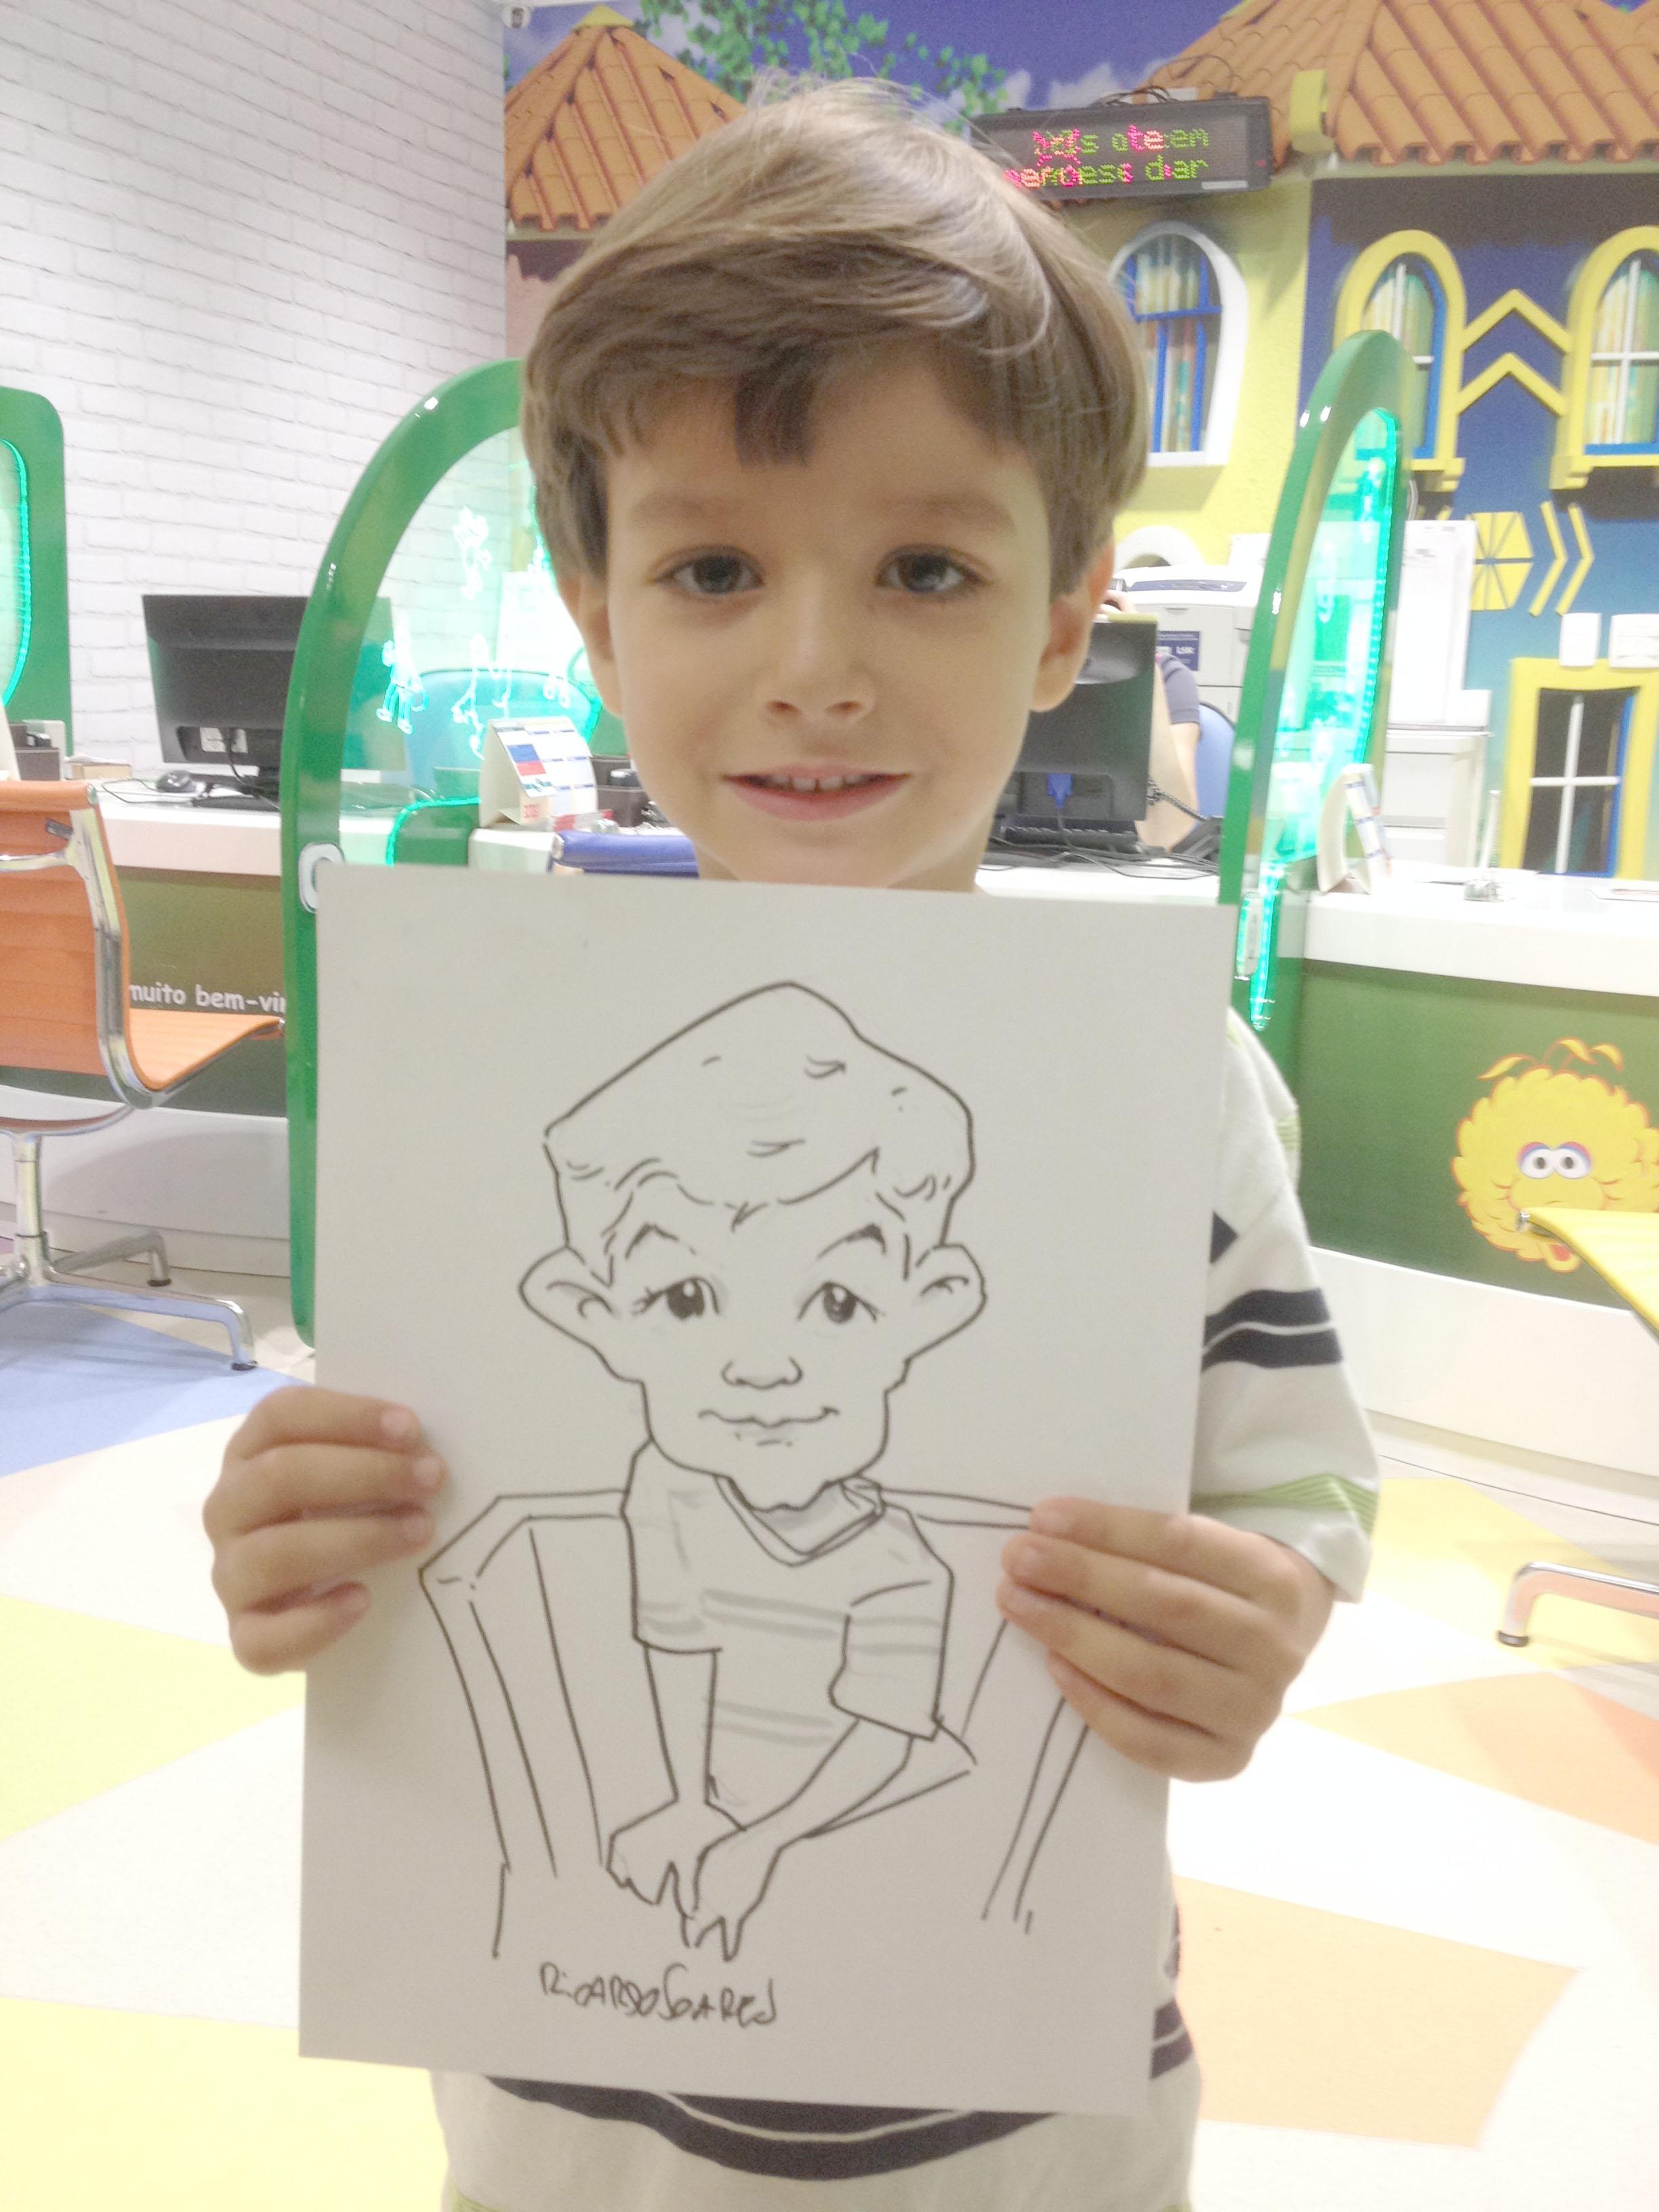 Caricatura ao viv de menino